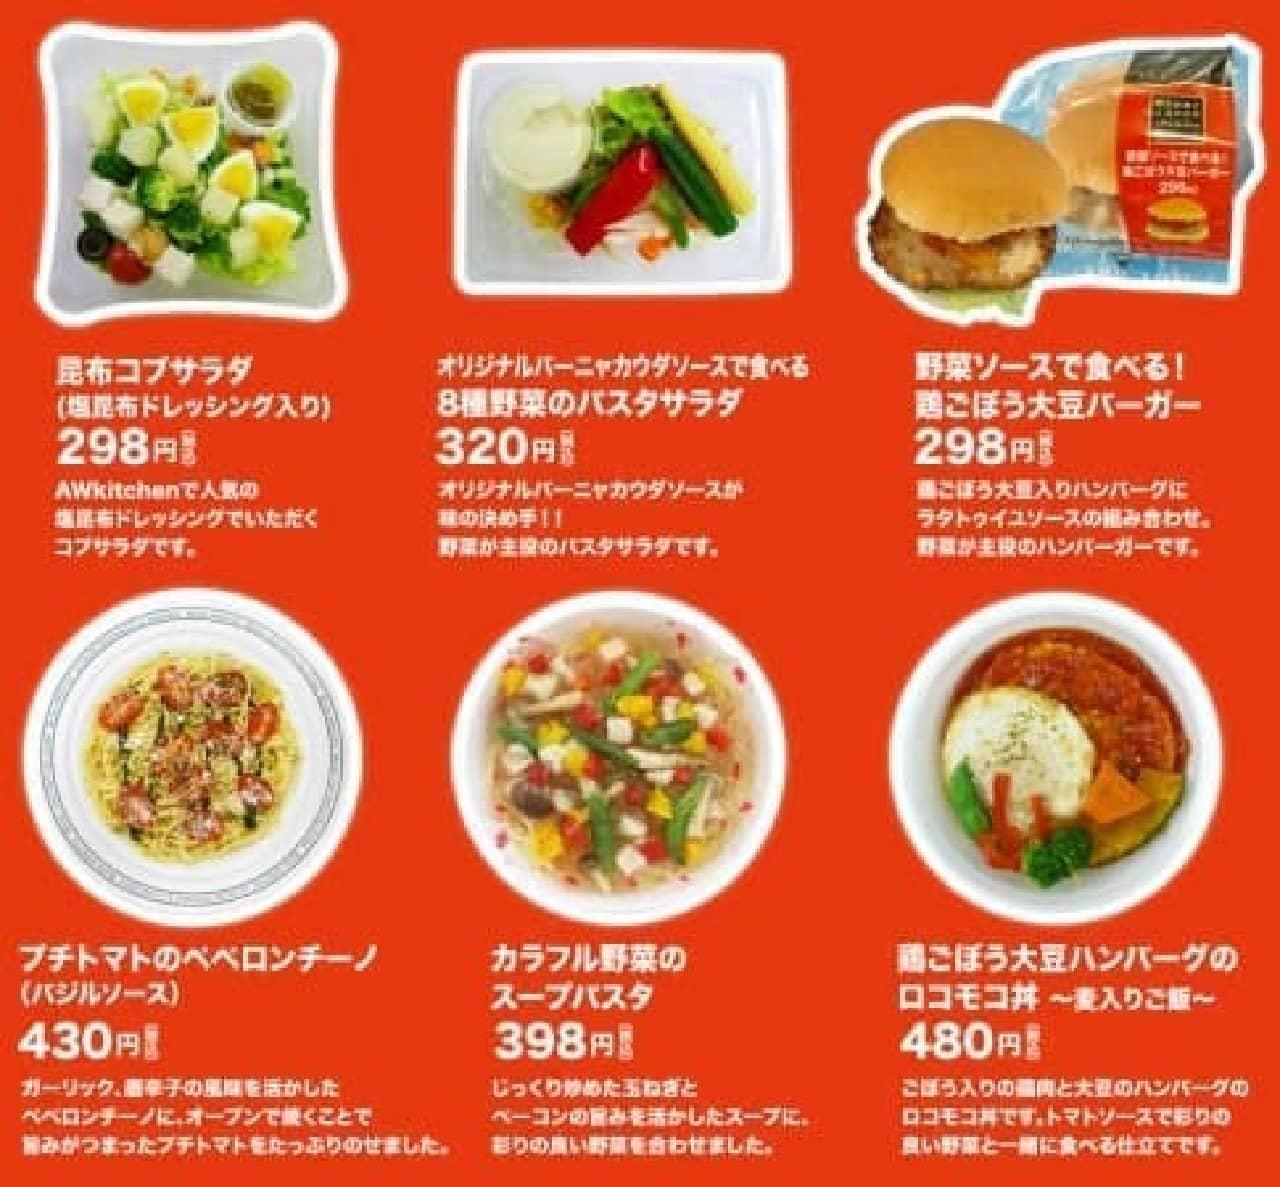 野菜たっぷりの商品がラインナップ!  (出典:ファミリーマート)